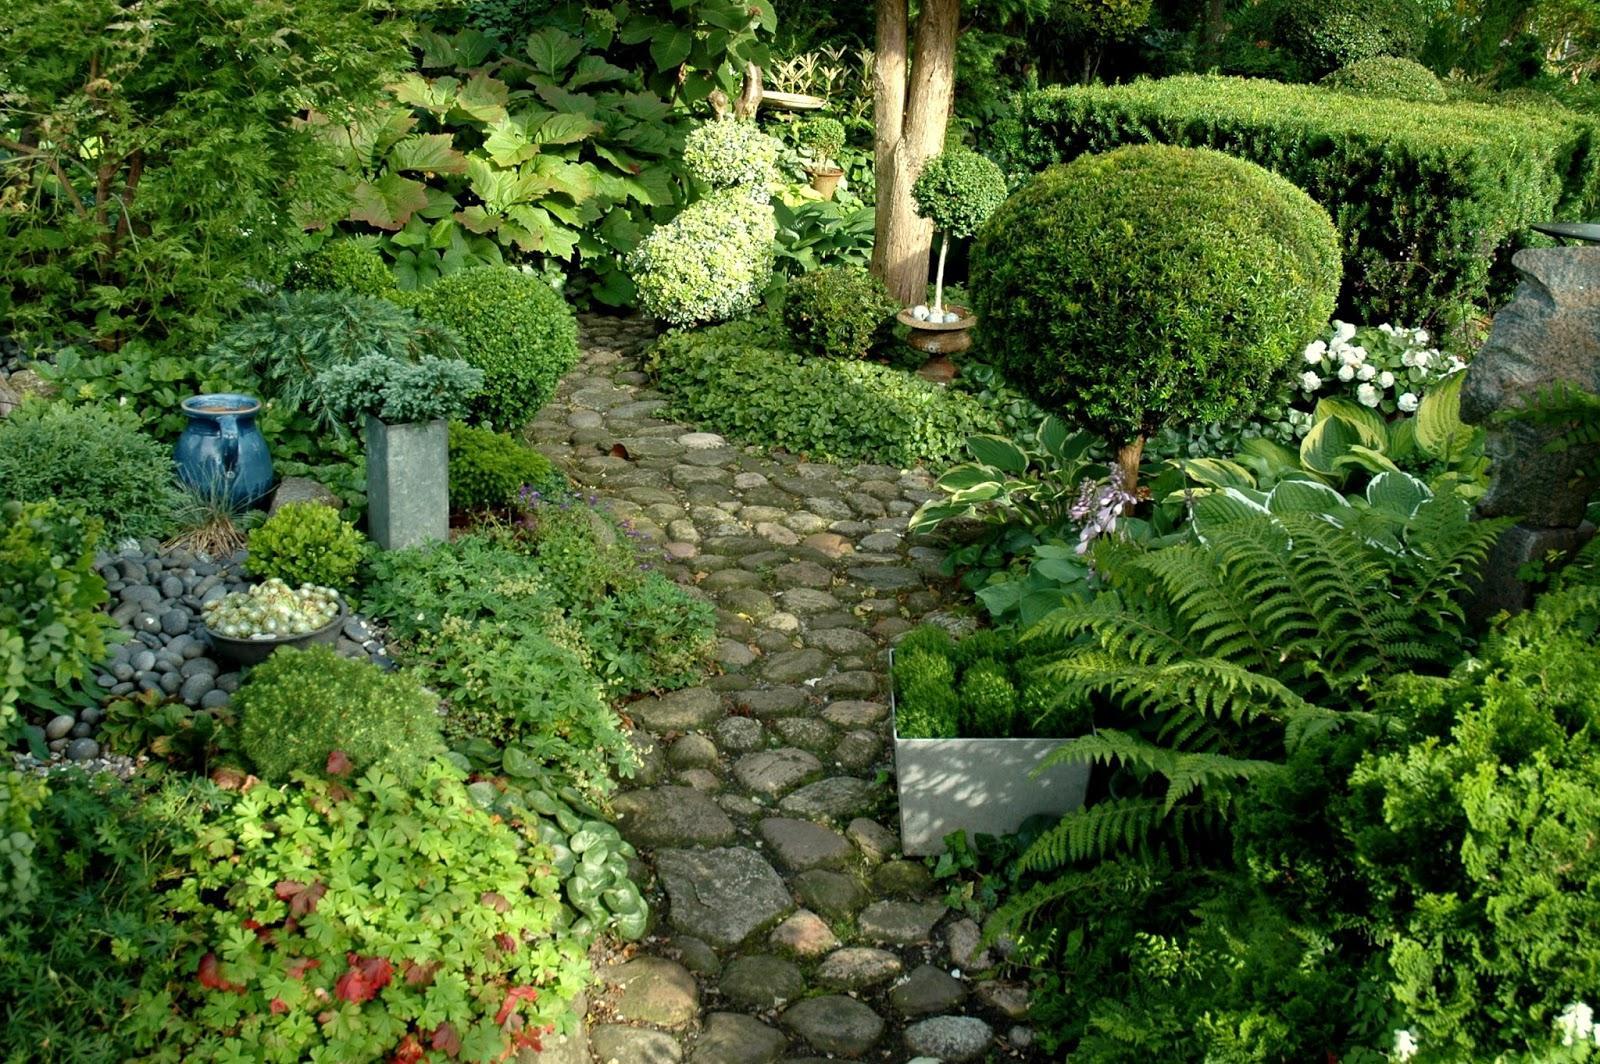 Vidiecke záhrady - inšpirácie - Obrázok č. 247